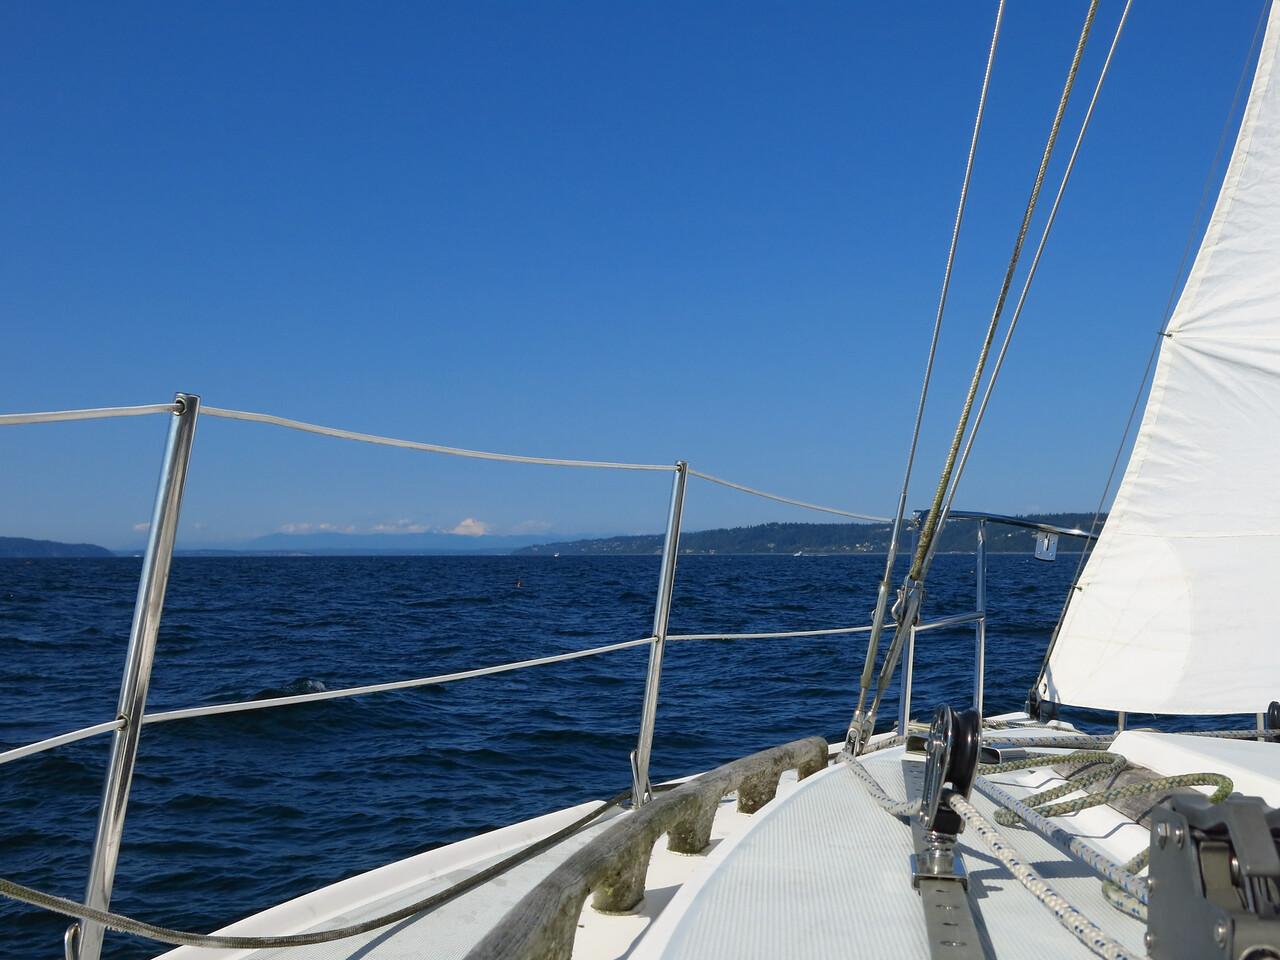 2014-07-26 Sail (4)